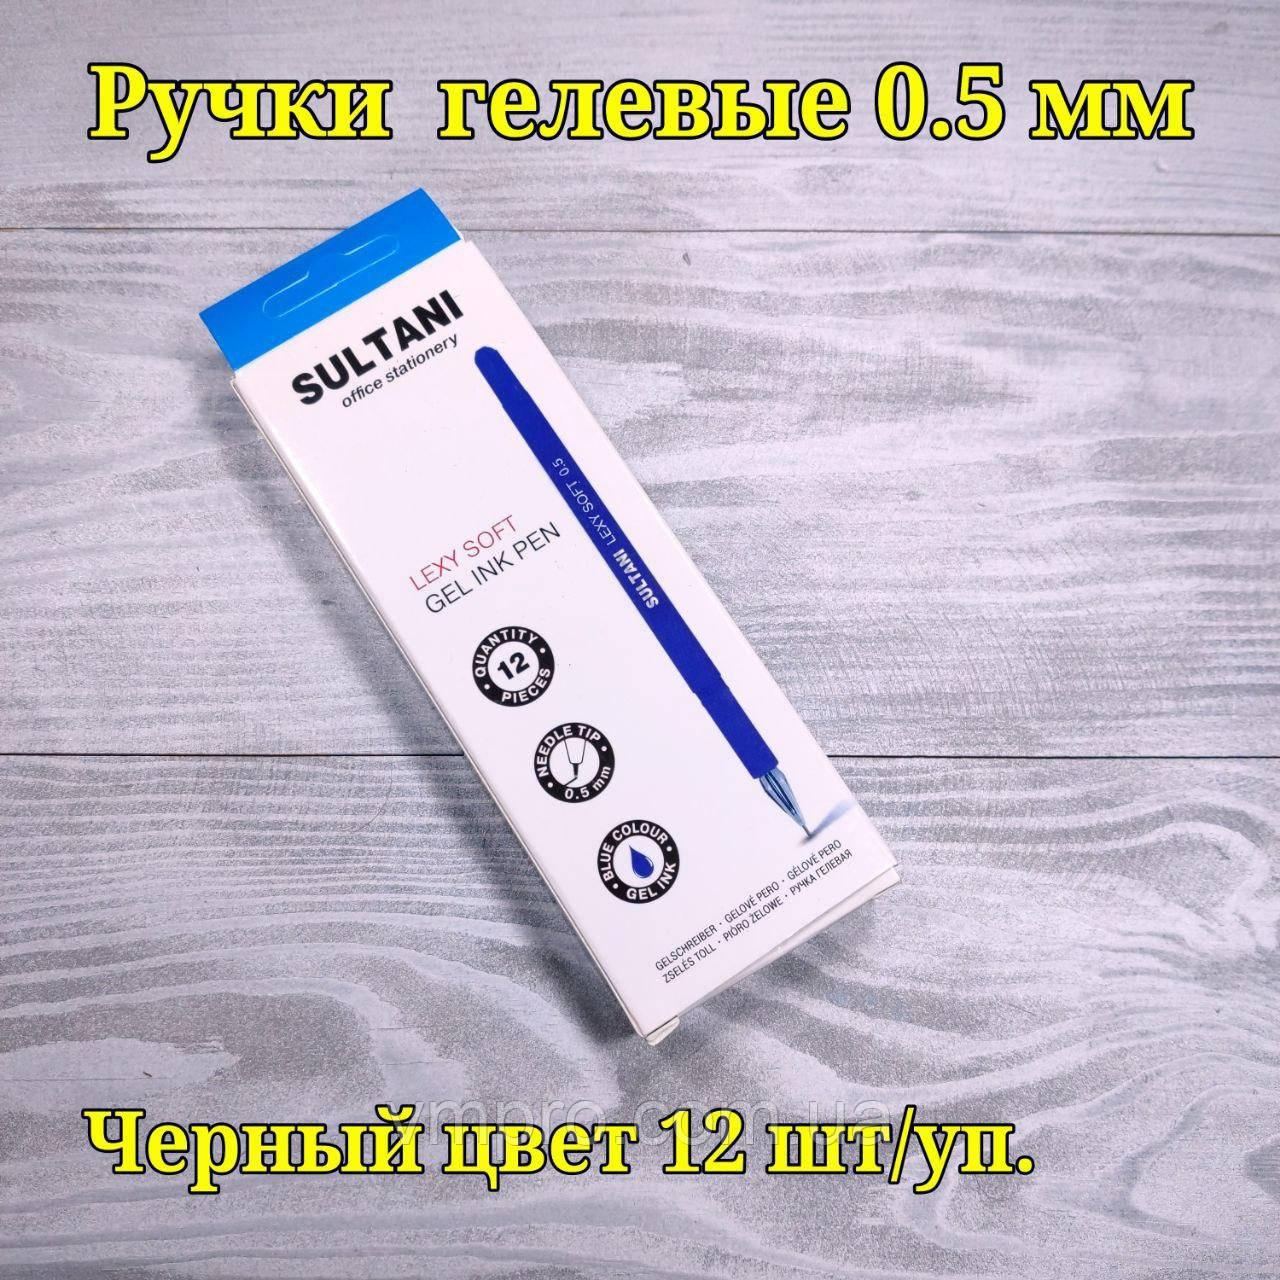 Ручки гелеві SULTANI ST-5506,чорні ,0.5 mm ,12 шт/упаковка